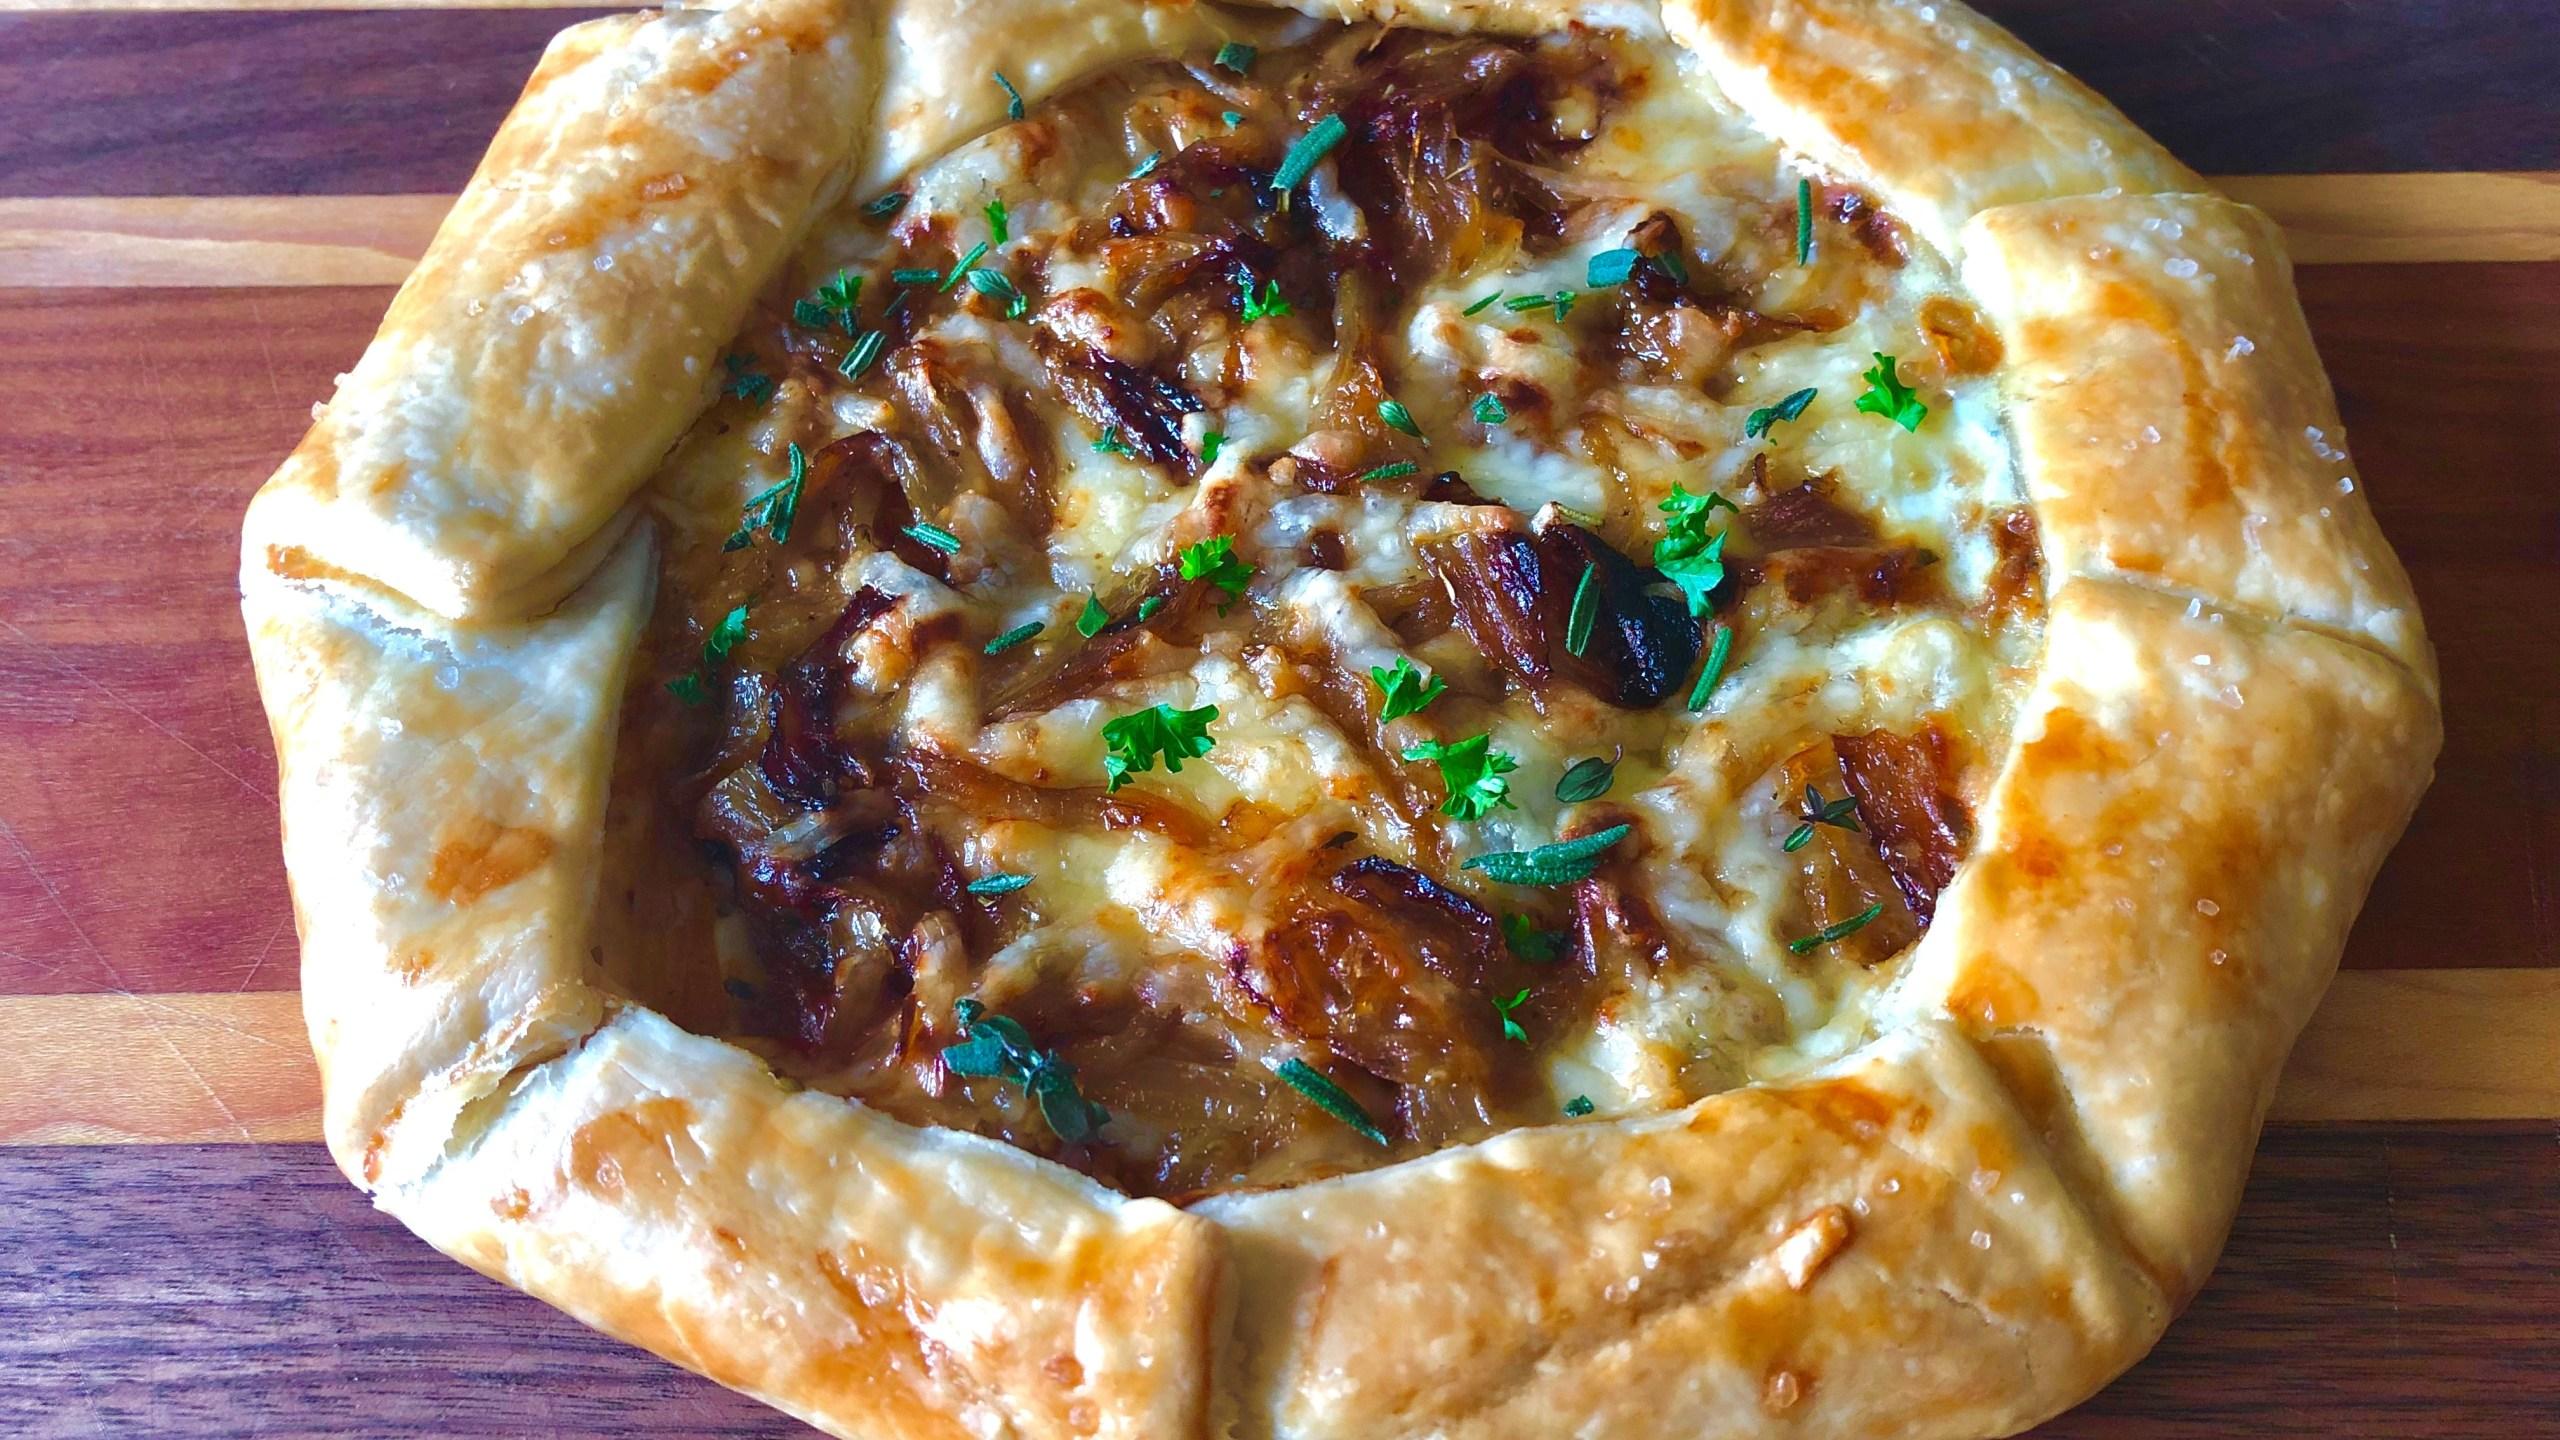 Fella_French Onion Soup Galette_Winner!_1554759134096.jpg-118809282.jpg